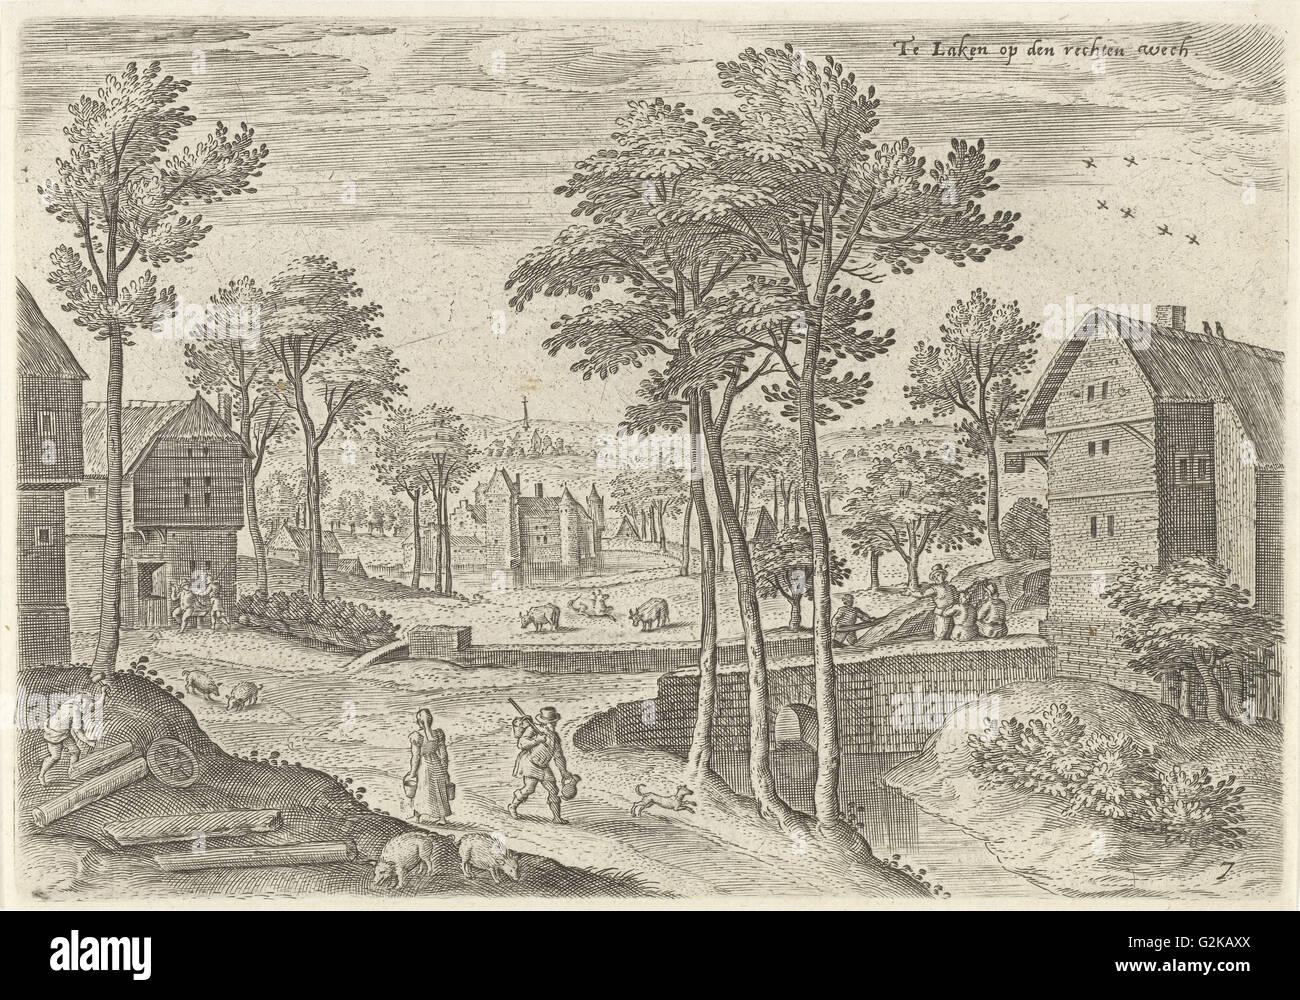 View of the main street of Laeken, Belgium, Hans Collaert (I), Hans Bol, Claes Jansz. Visscher (II), 1530 - 1580 - Stock Image